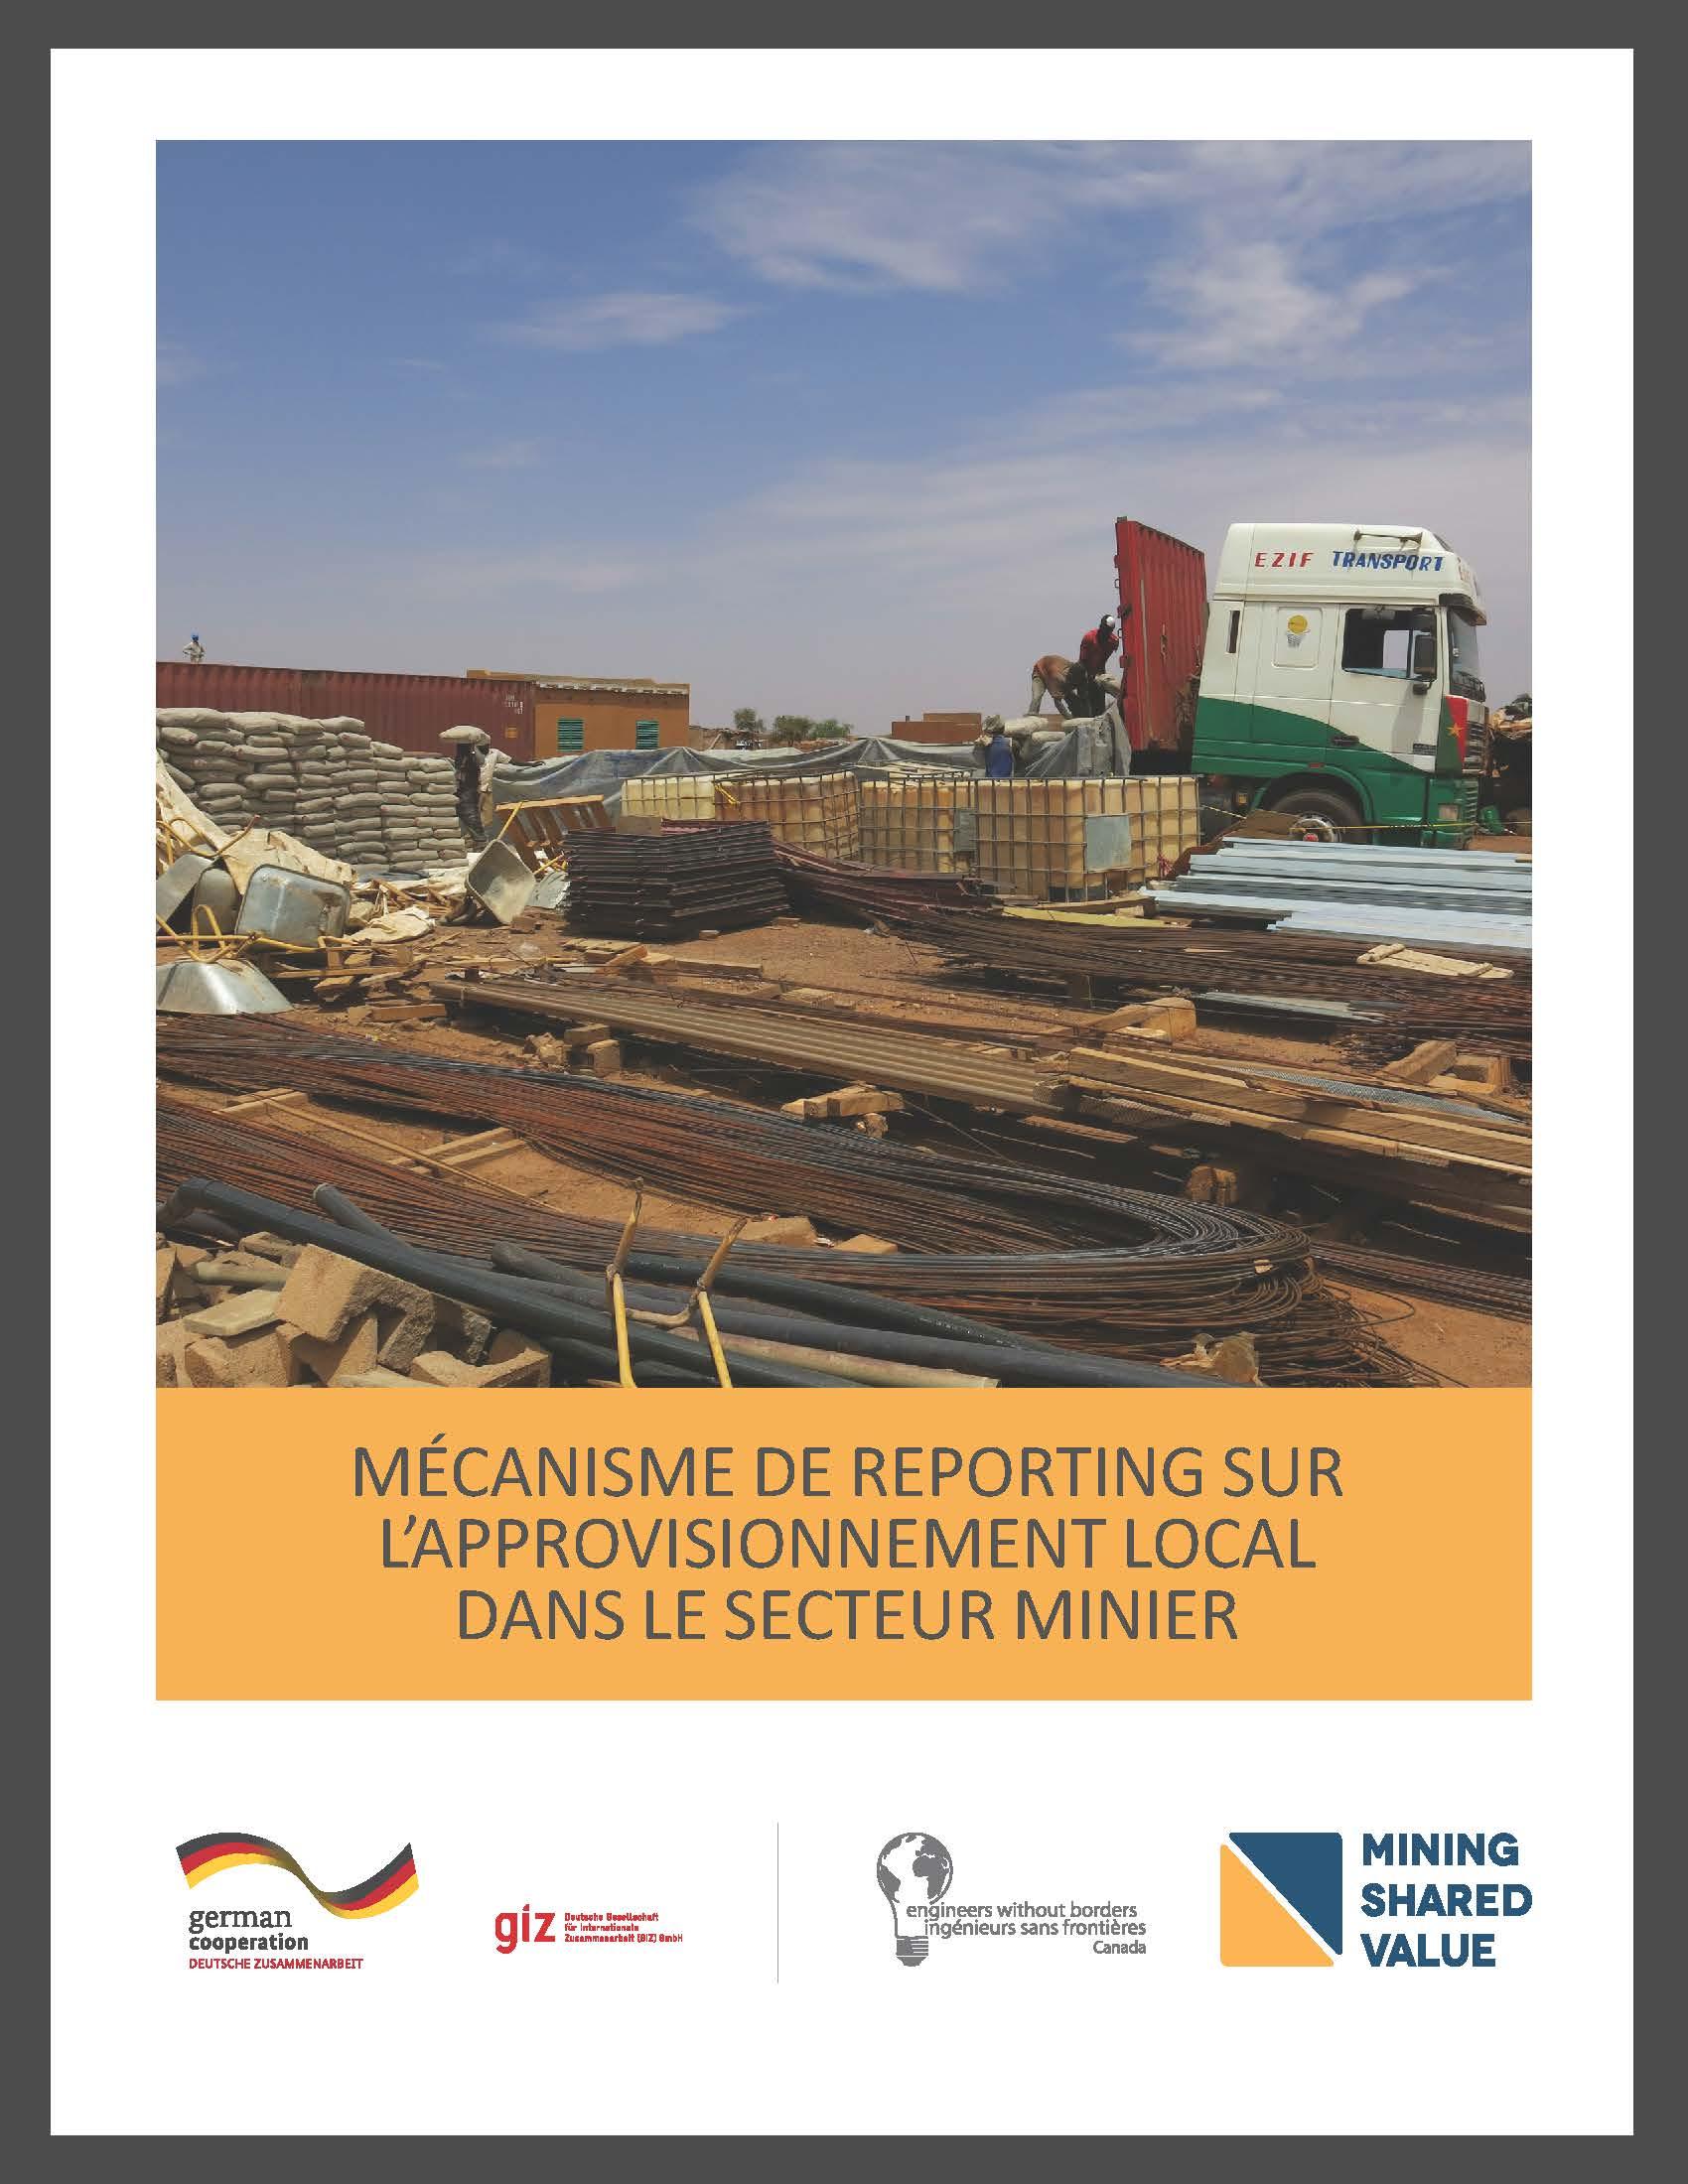 Mécanisme de reporting surl'approvisionnement local - Le mécanisme de reporting sur l'approvisionnement local (MRAL) dans le secteur minier définit un ensemble d'élémentsd'information sur l'approvisionnement local qui doivent être mentionnés par les organismes qui établissent des rapports sur les sites miniers.